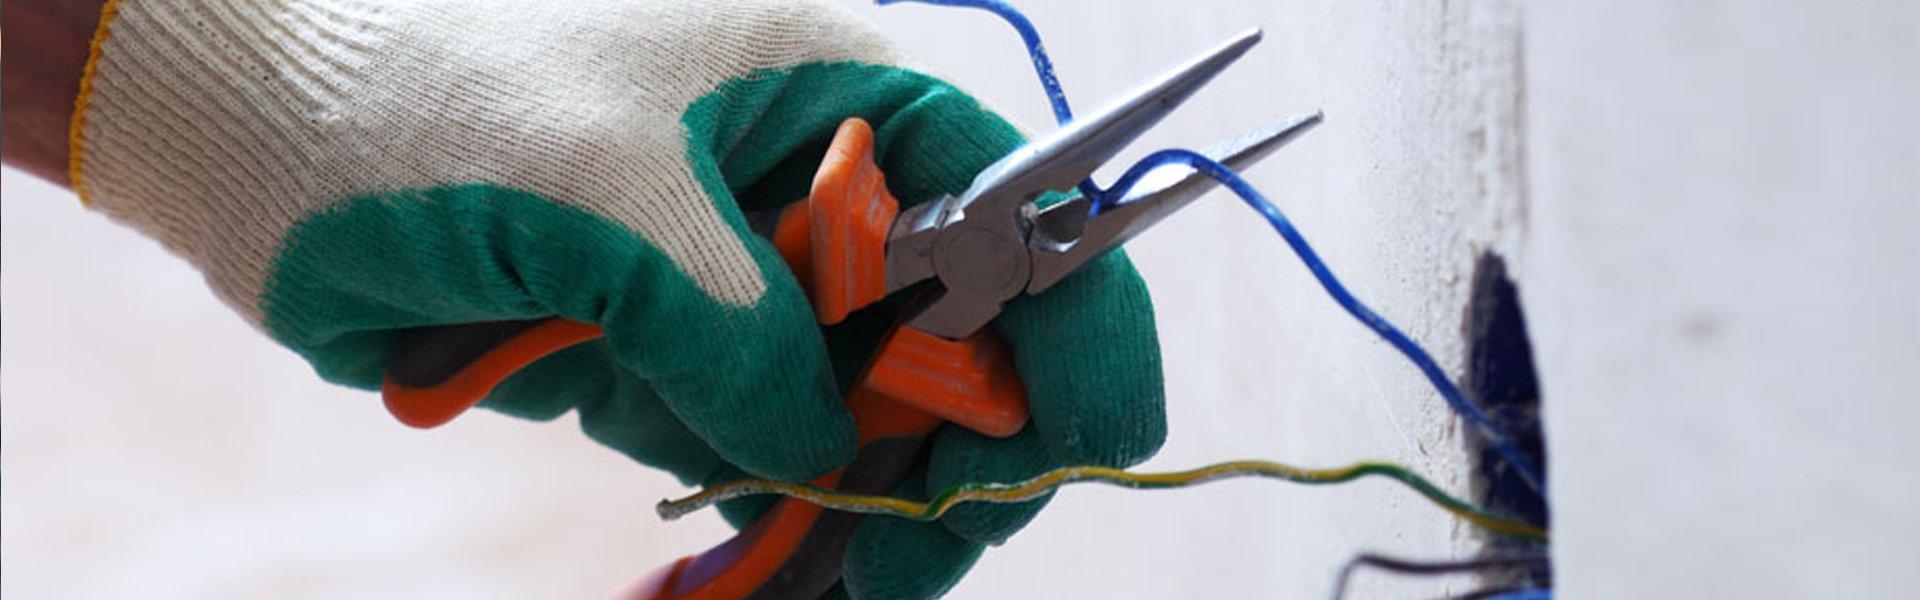 Electrical Contractors In Kingsbridge